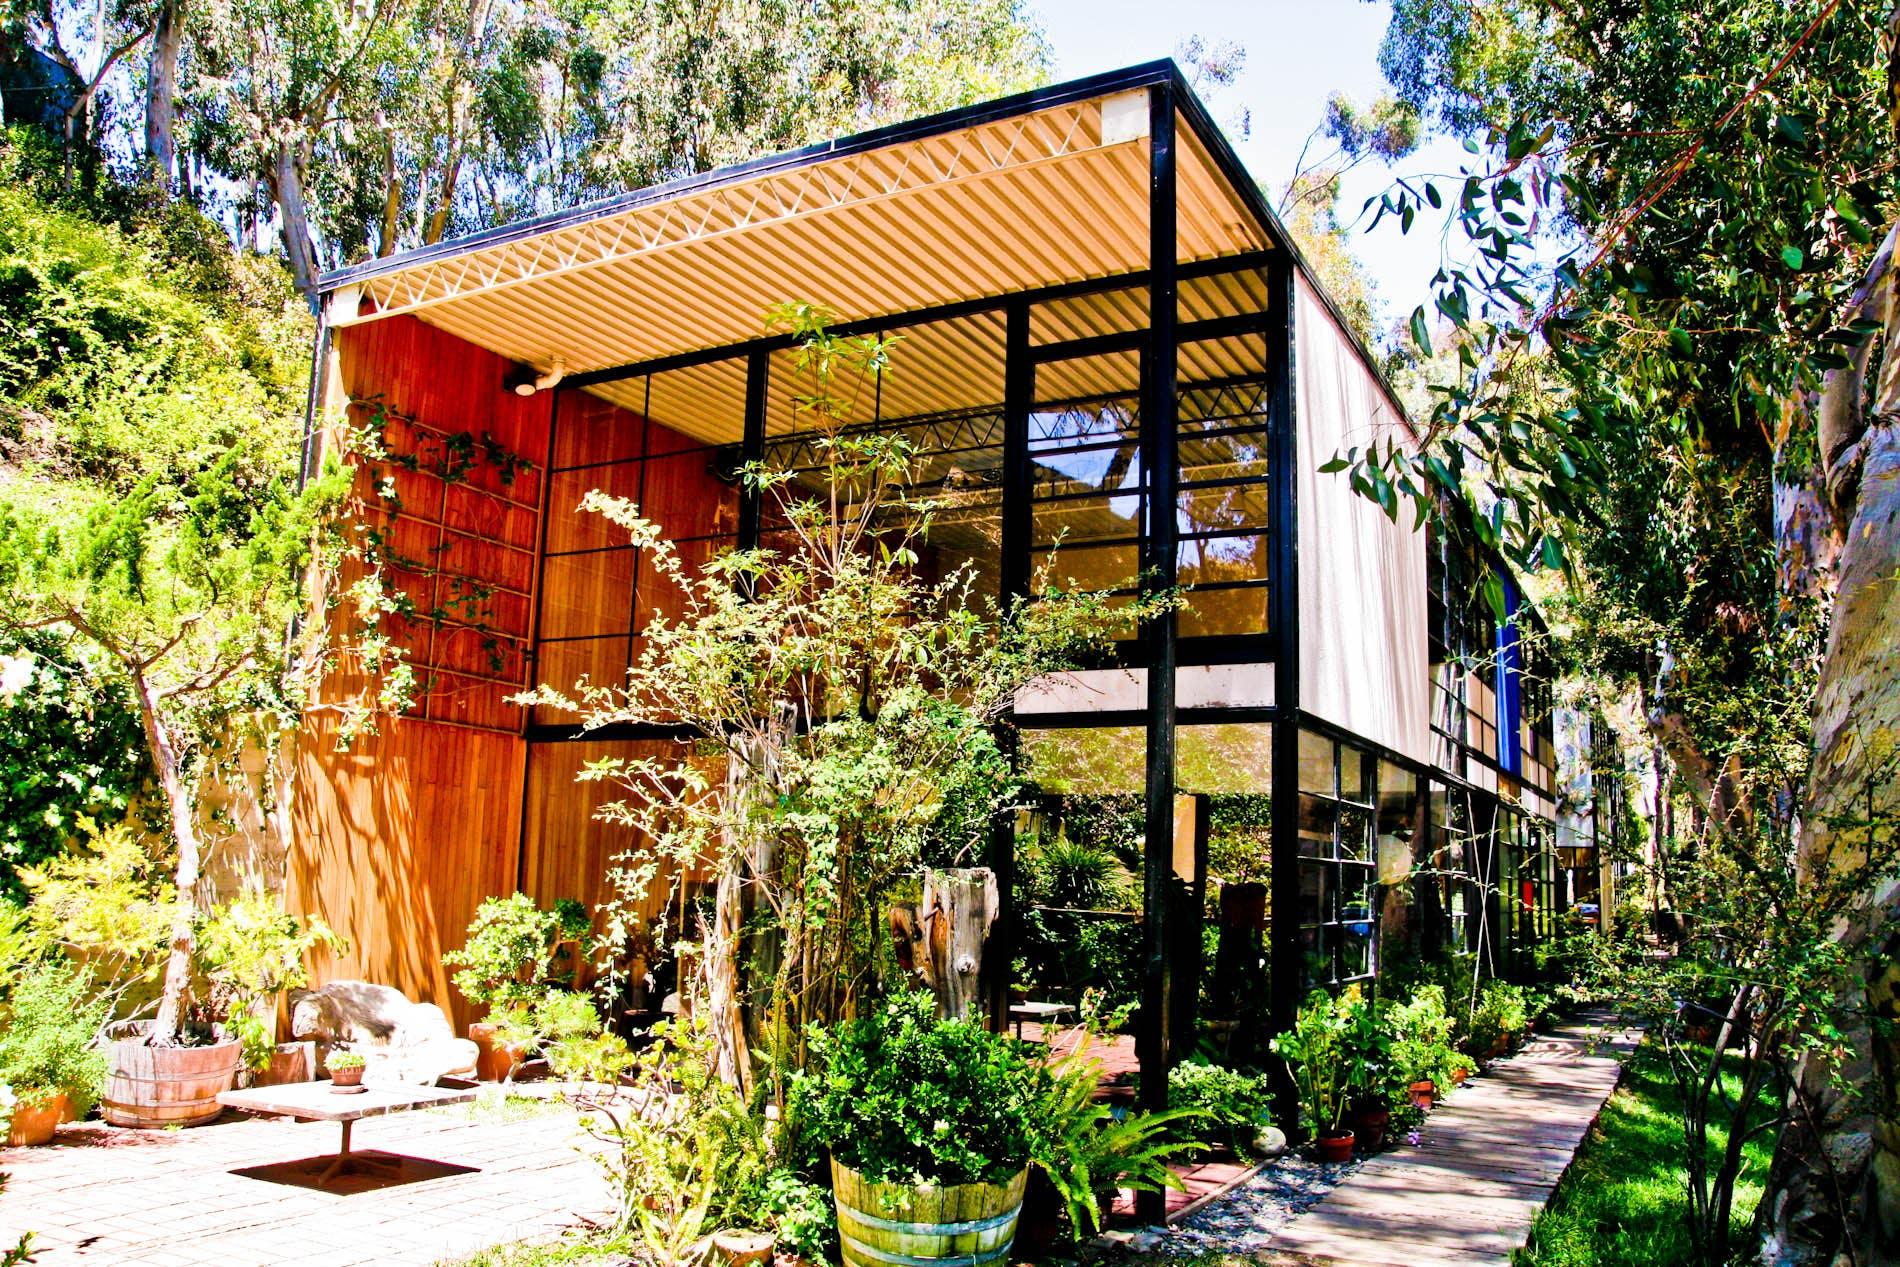 Eames House exterior